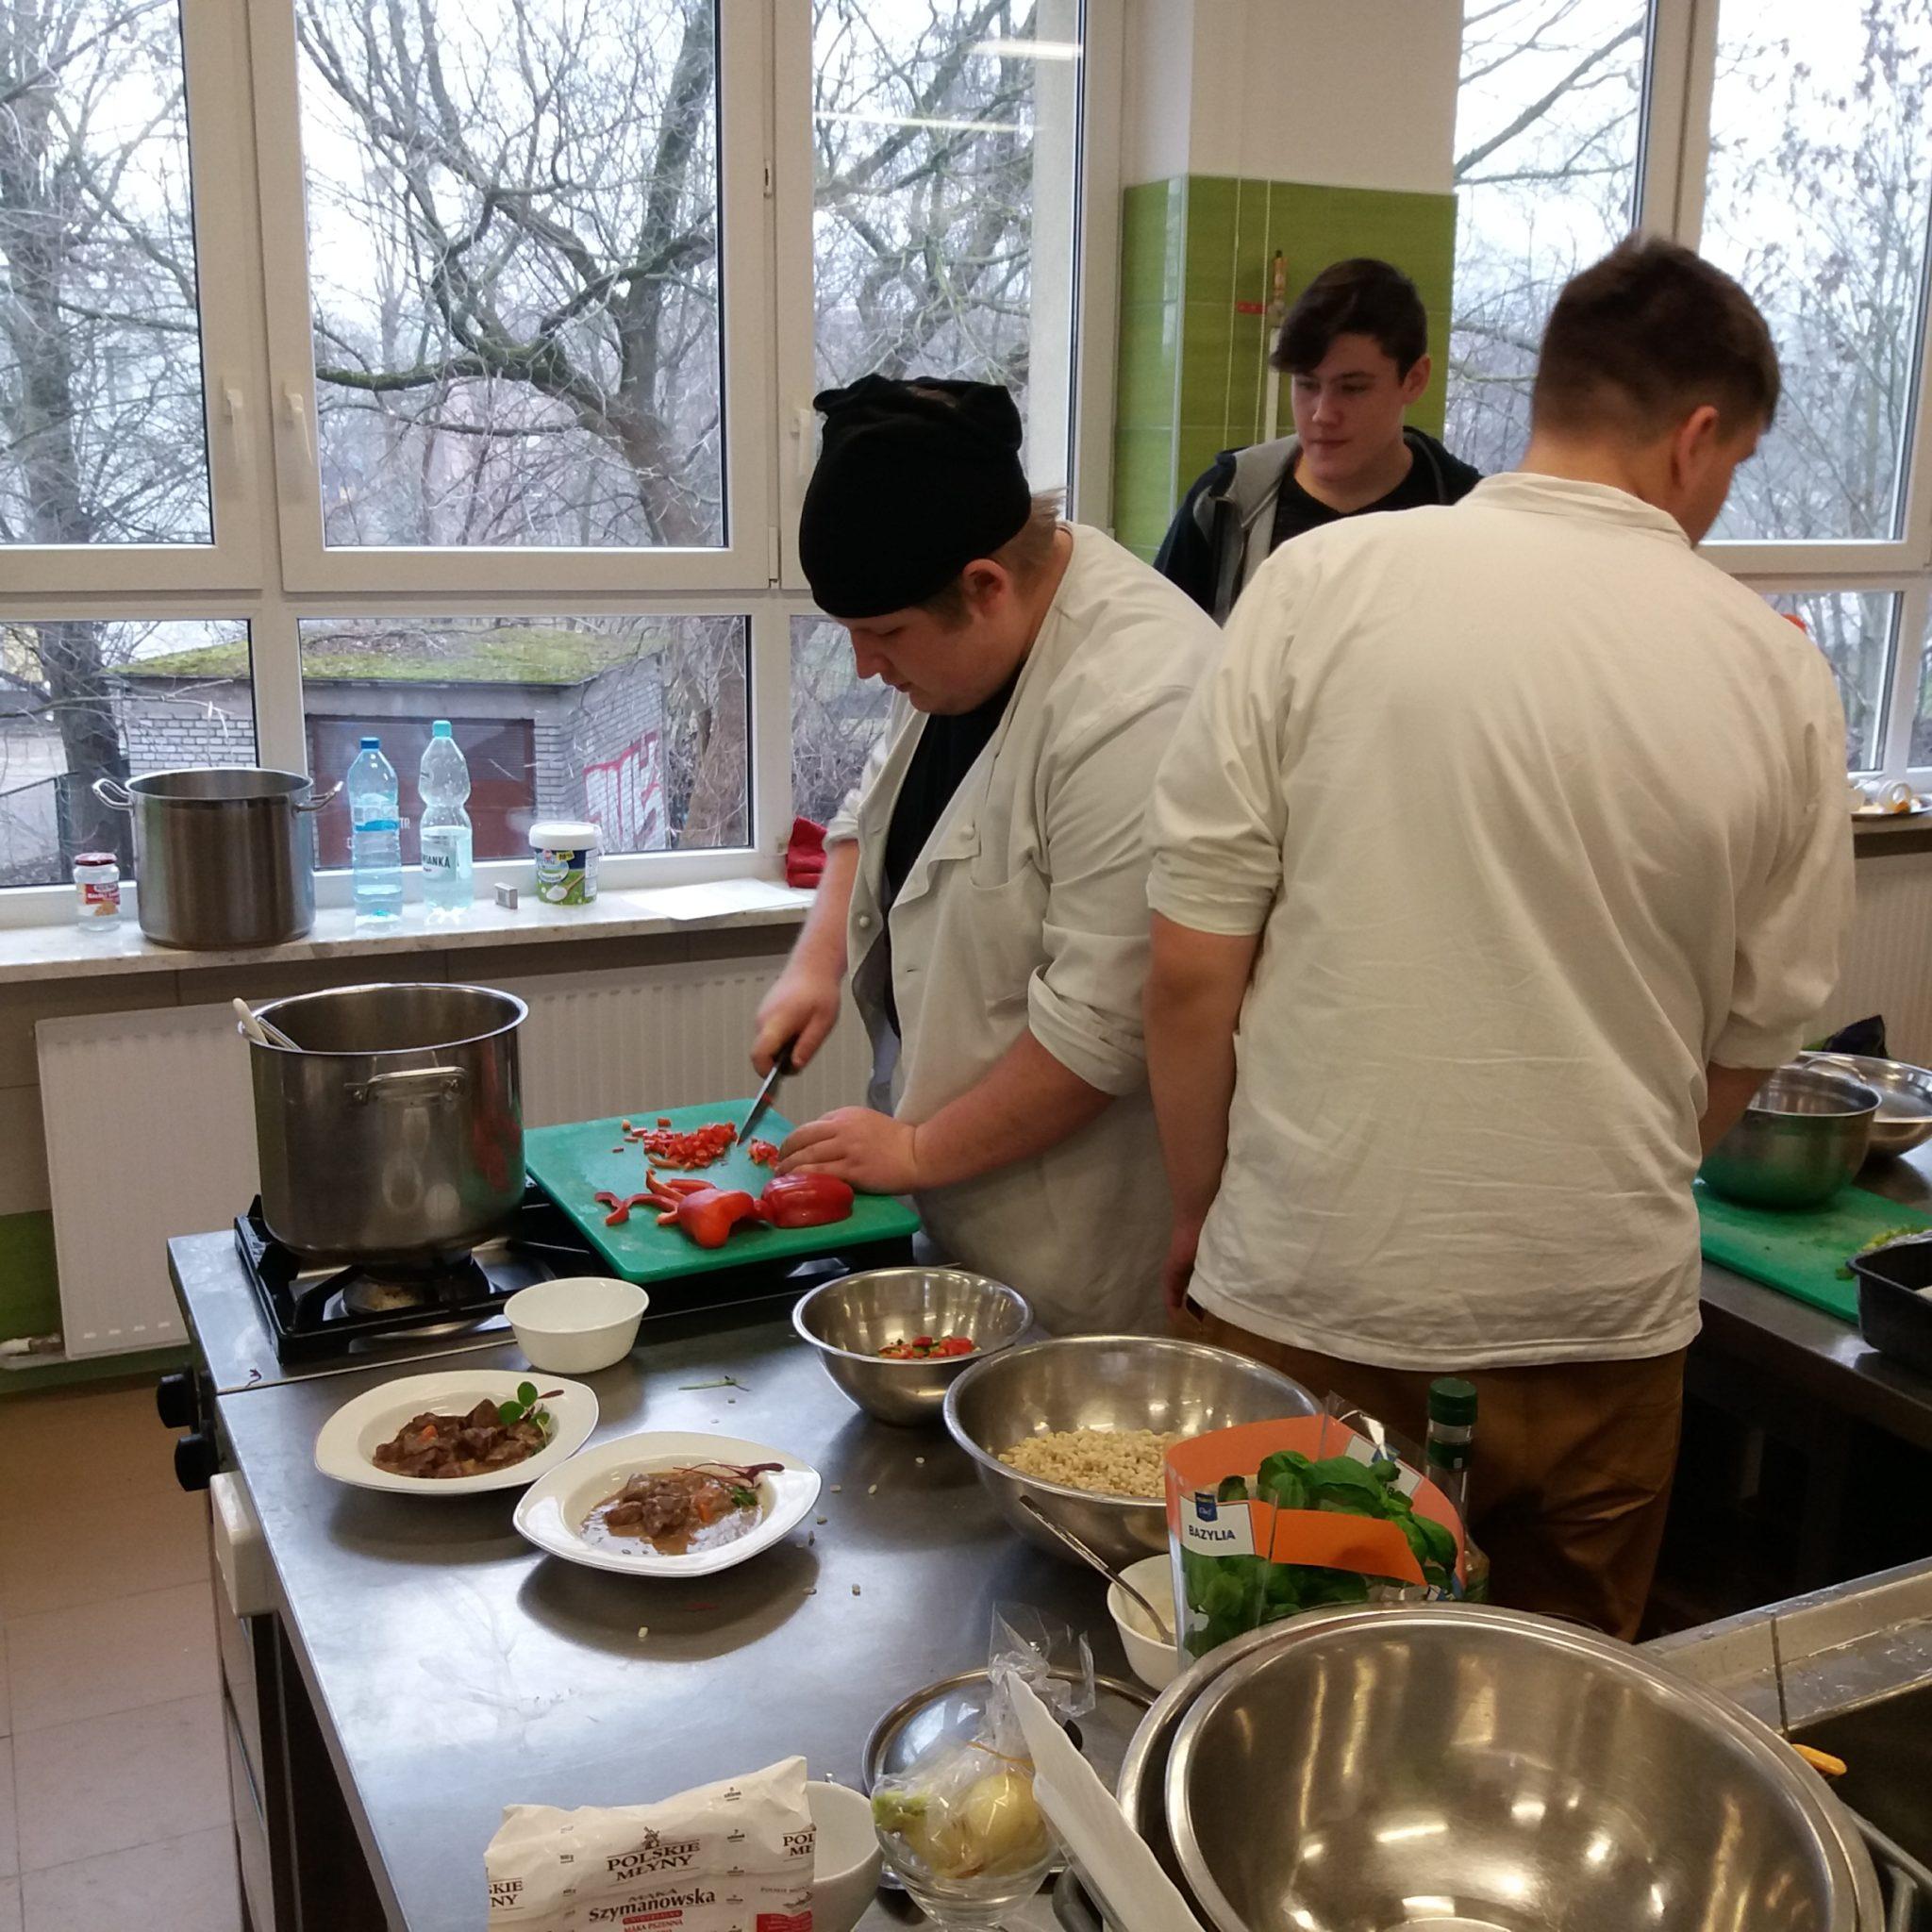 Standardy Kuchni Polskiej Gastronomik Białystok Przepis